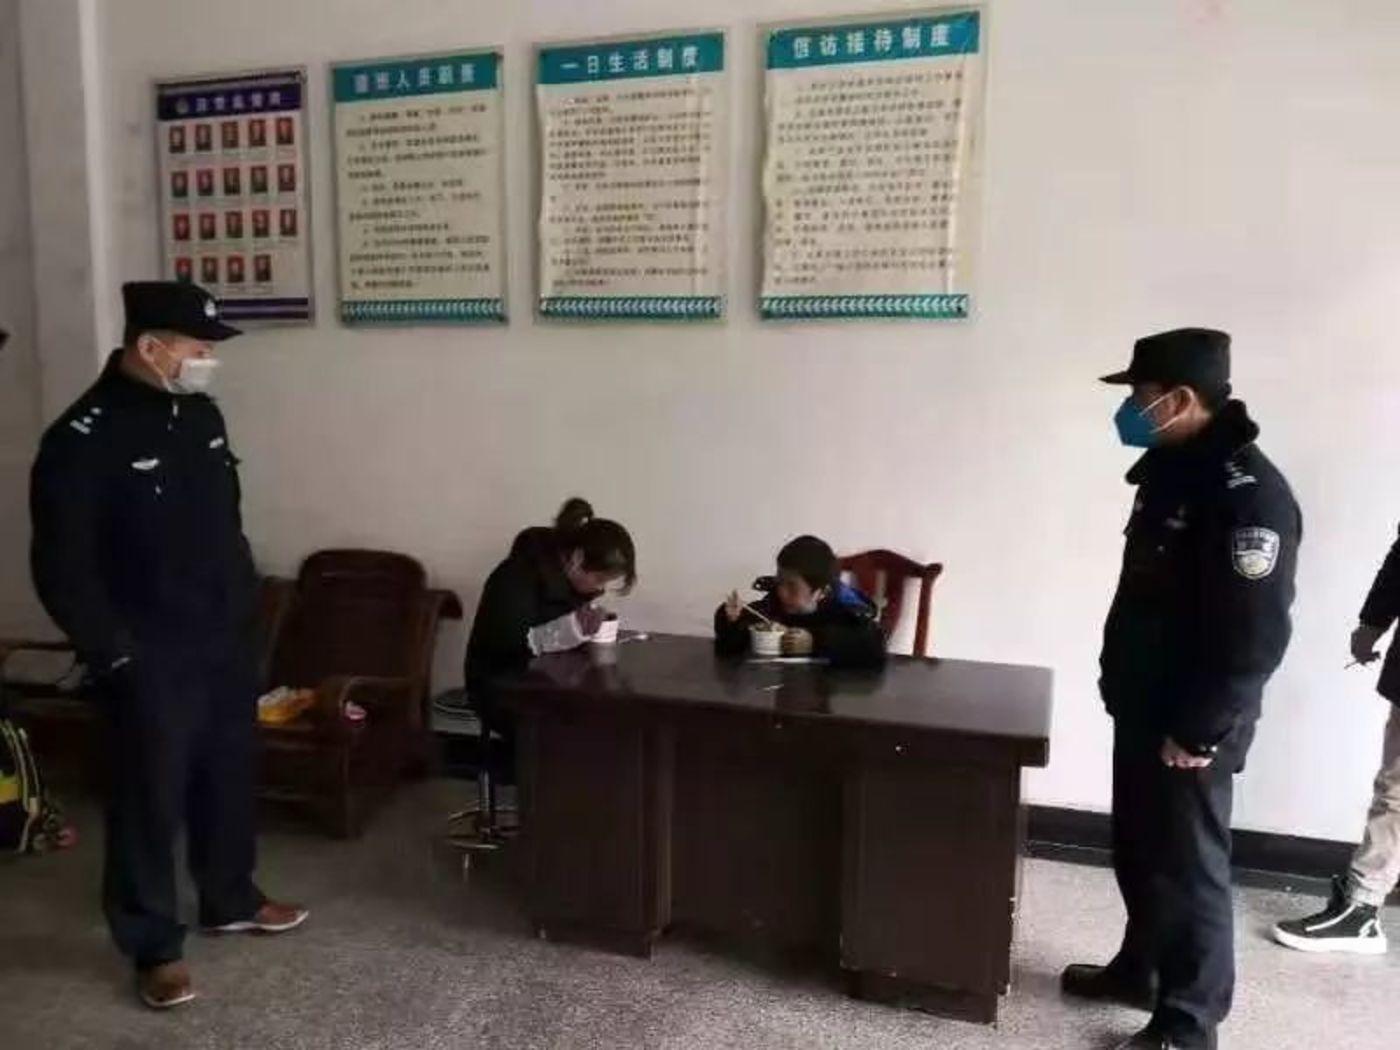 黄冈基层民警的抗疫日记:春节六天回家一次,饿了老乡家吃碗面